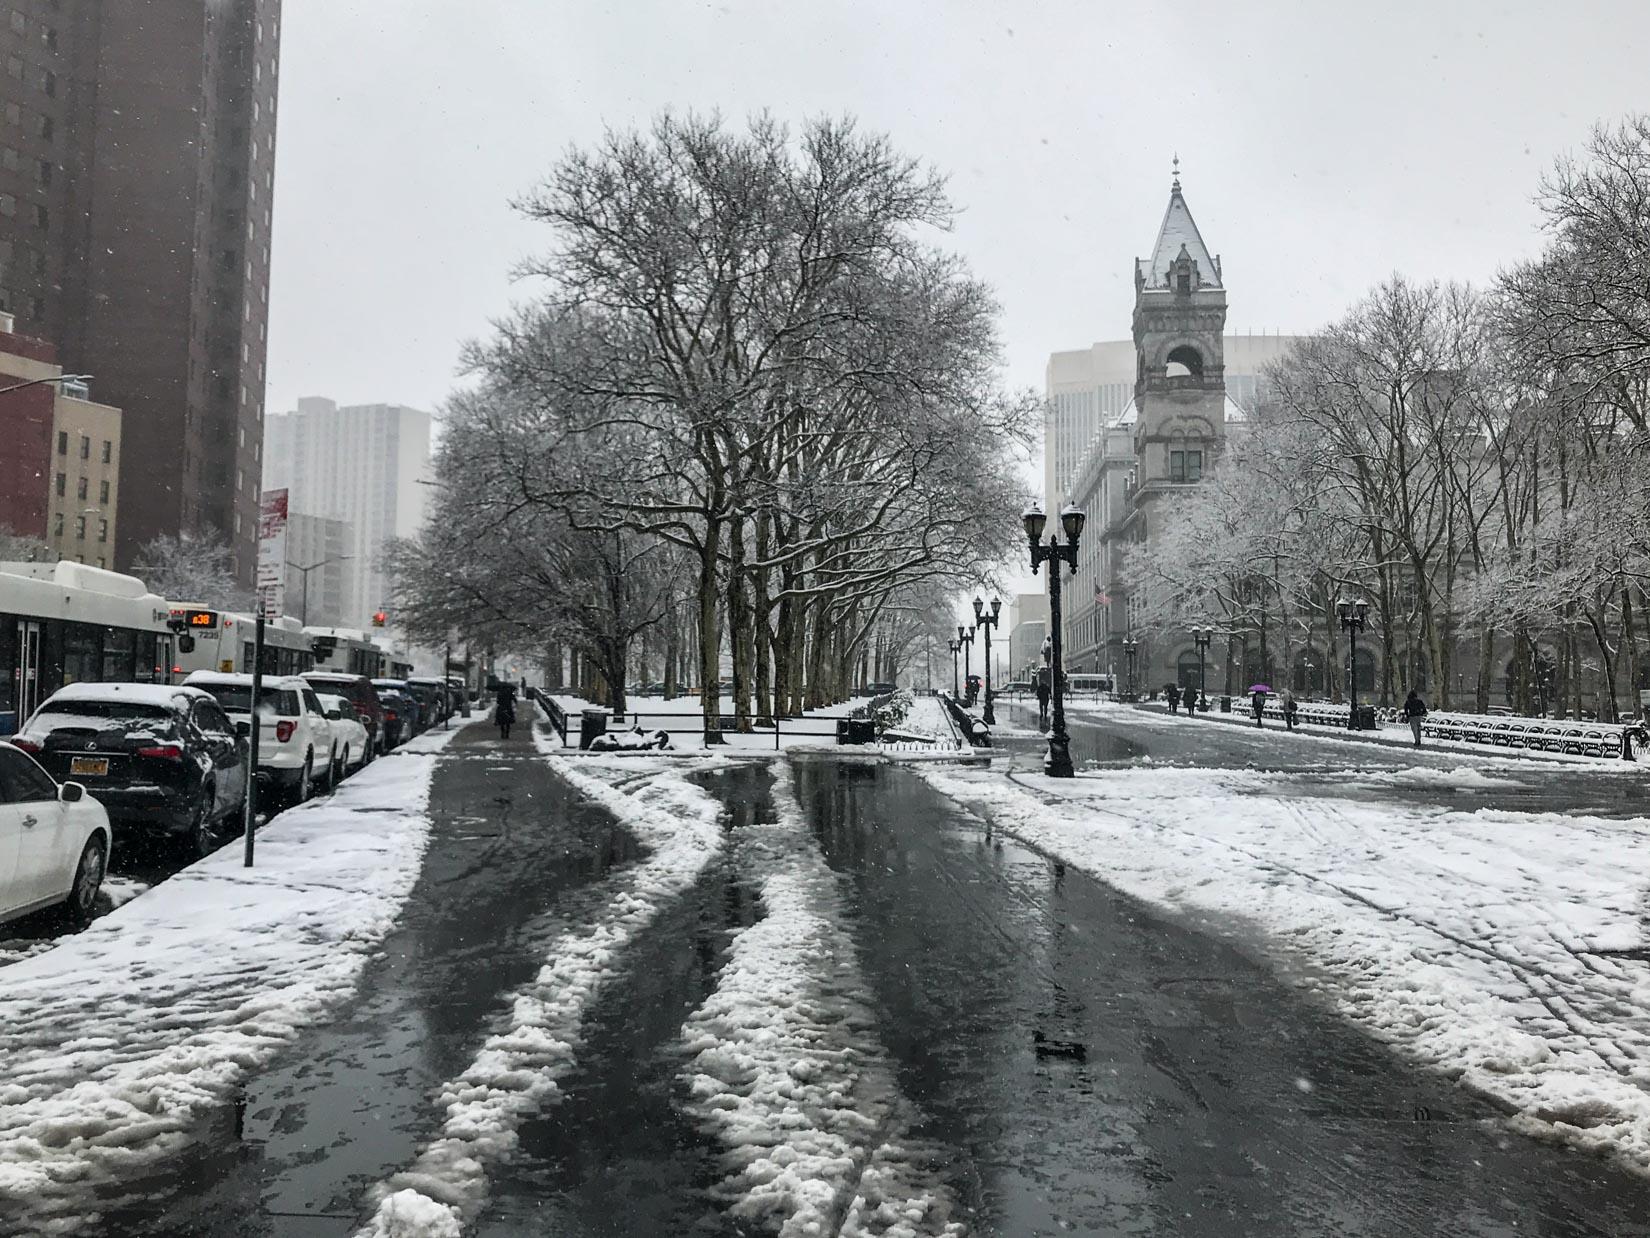 Winter in Brooklyn